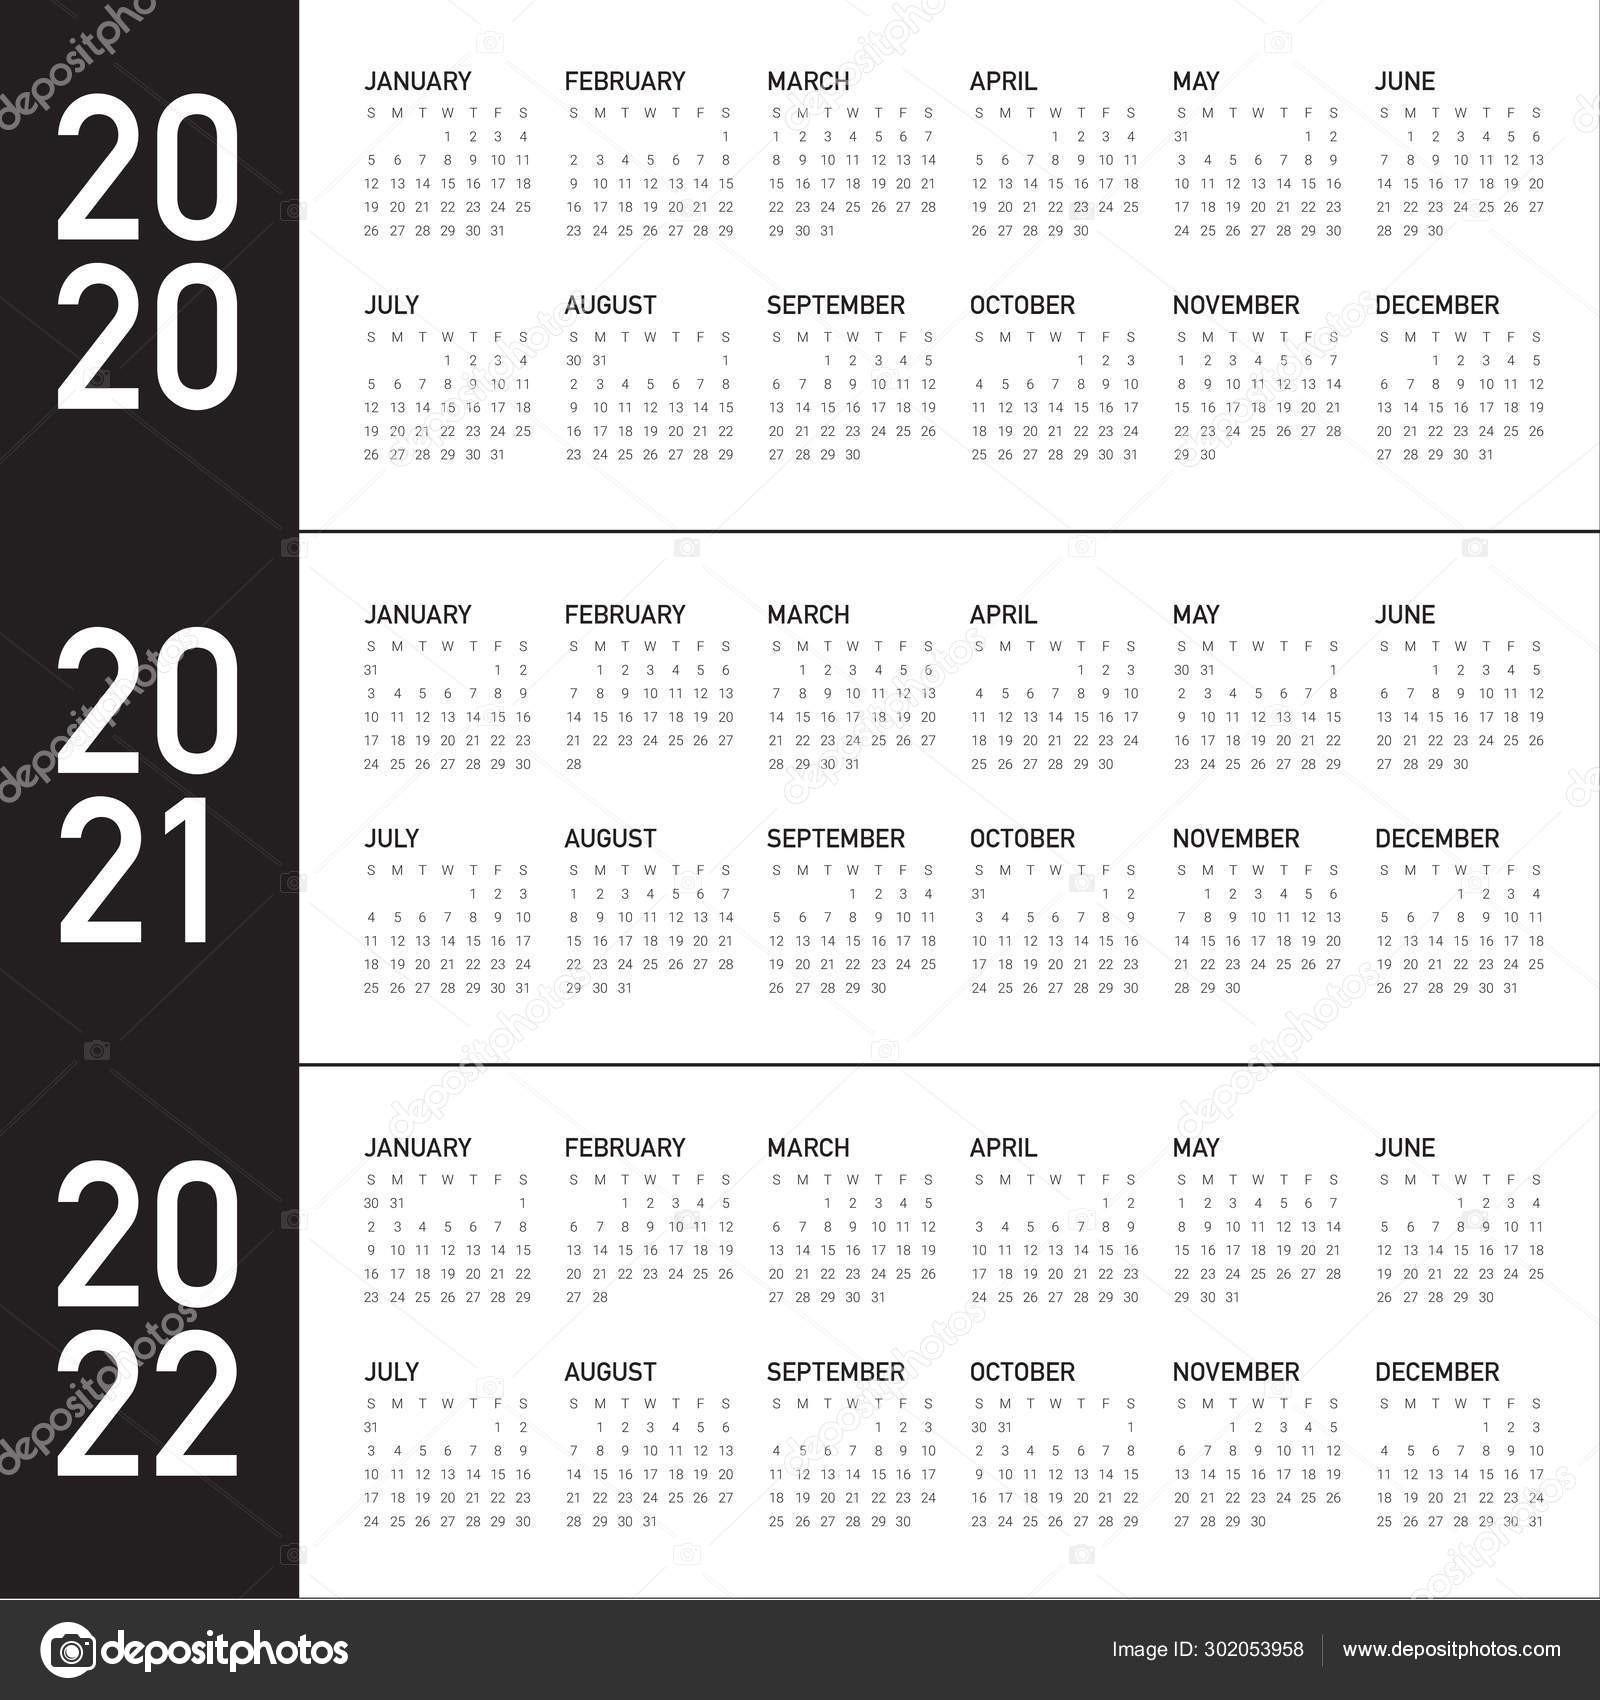 Depo Calendar 2022 Printable.Depo Shot Calendar 2021 Calendar For Planning